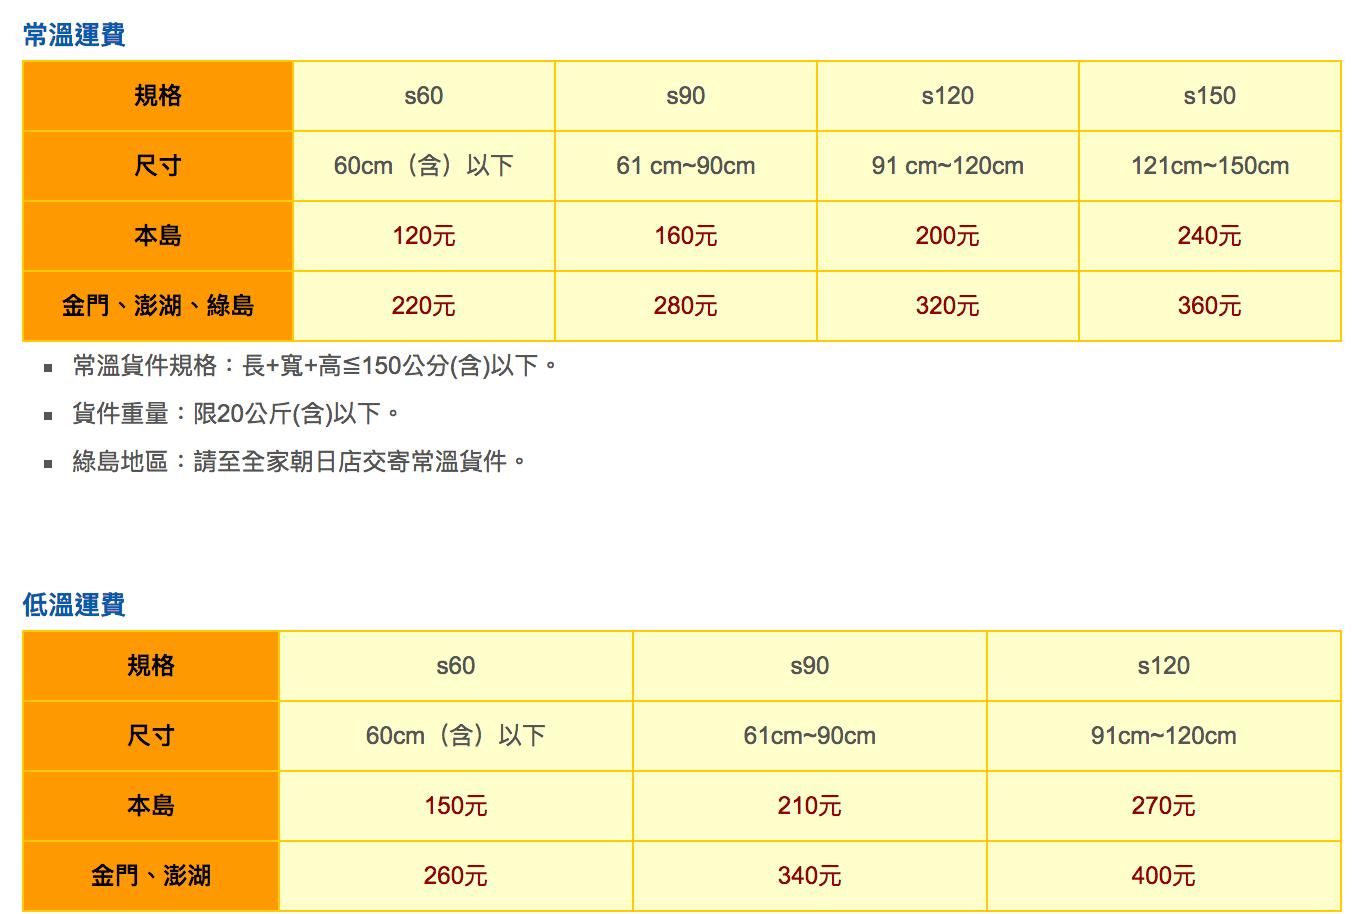 宅配通運費表電商tony陳